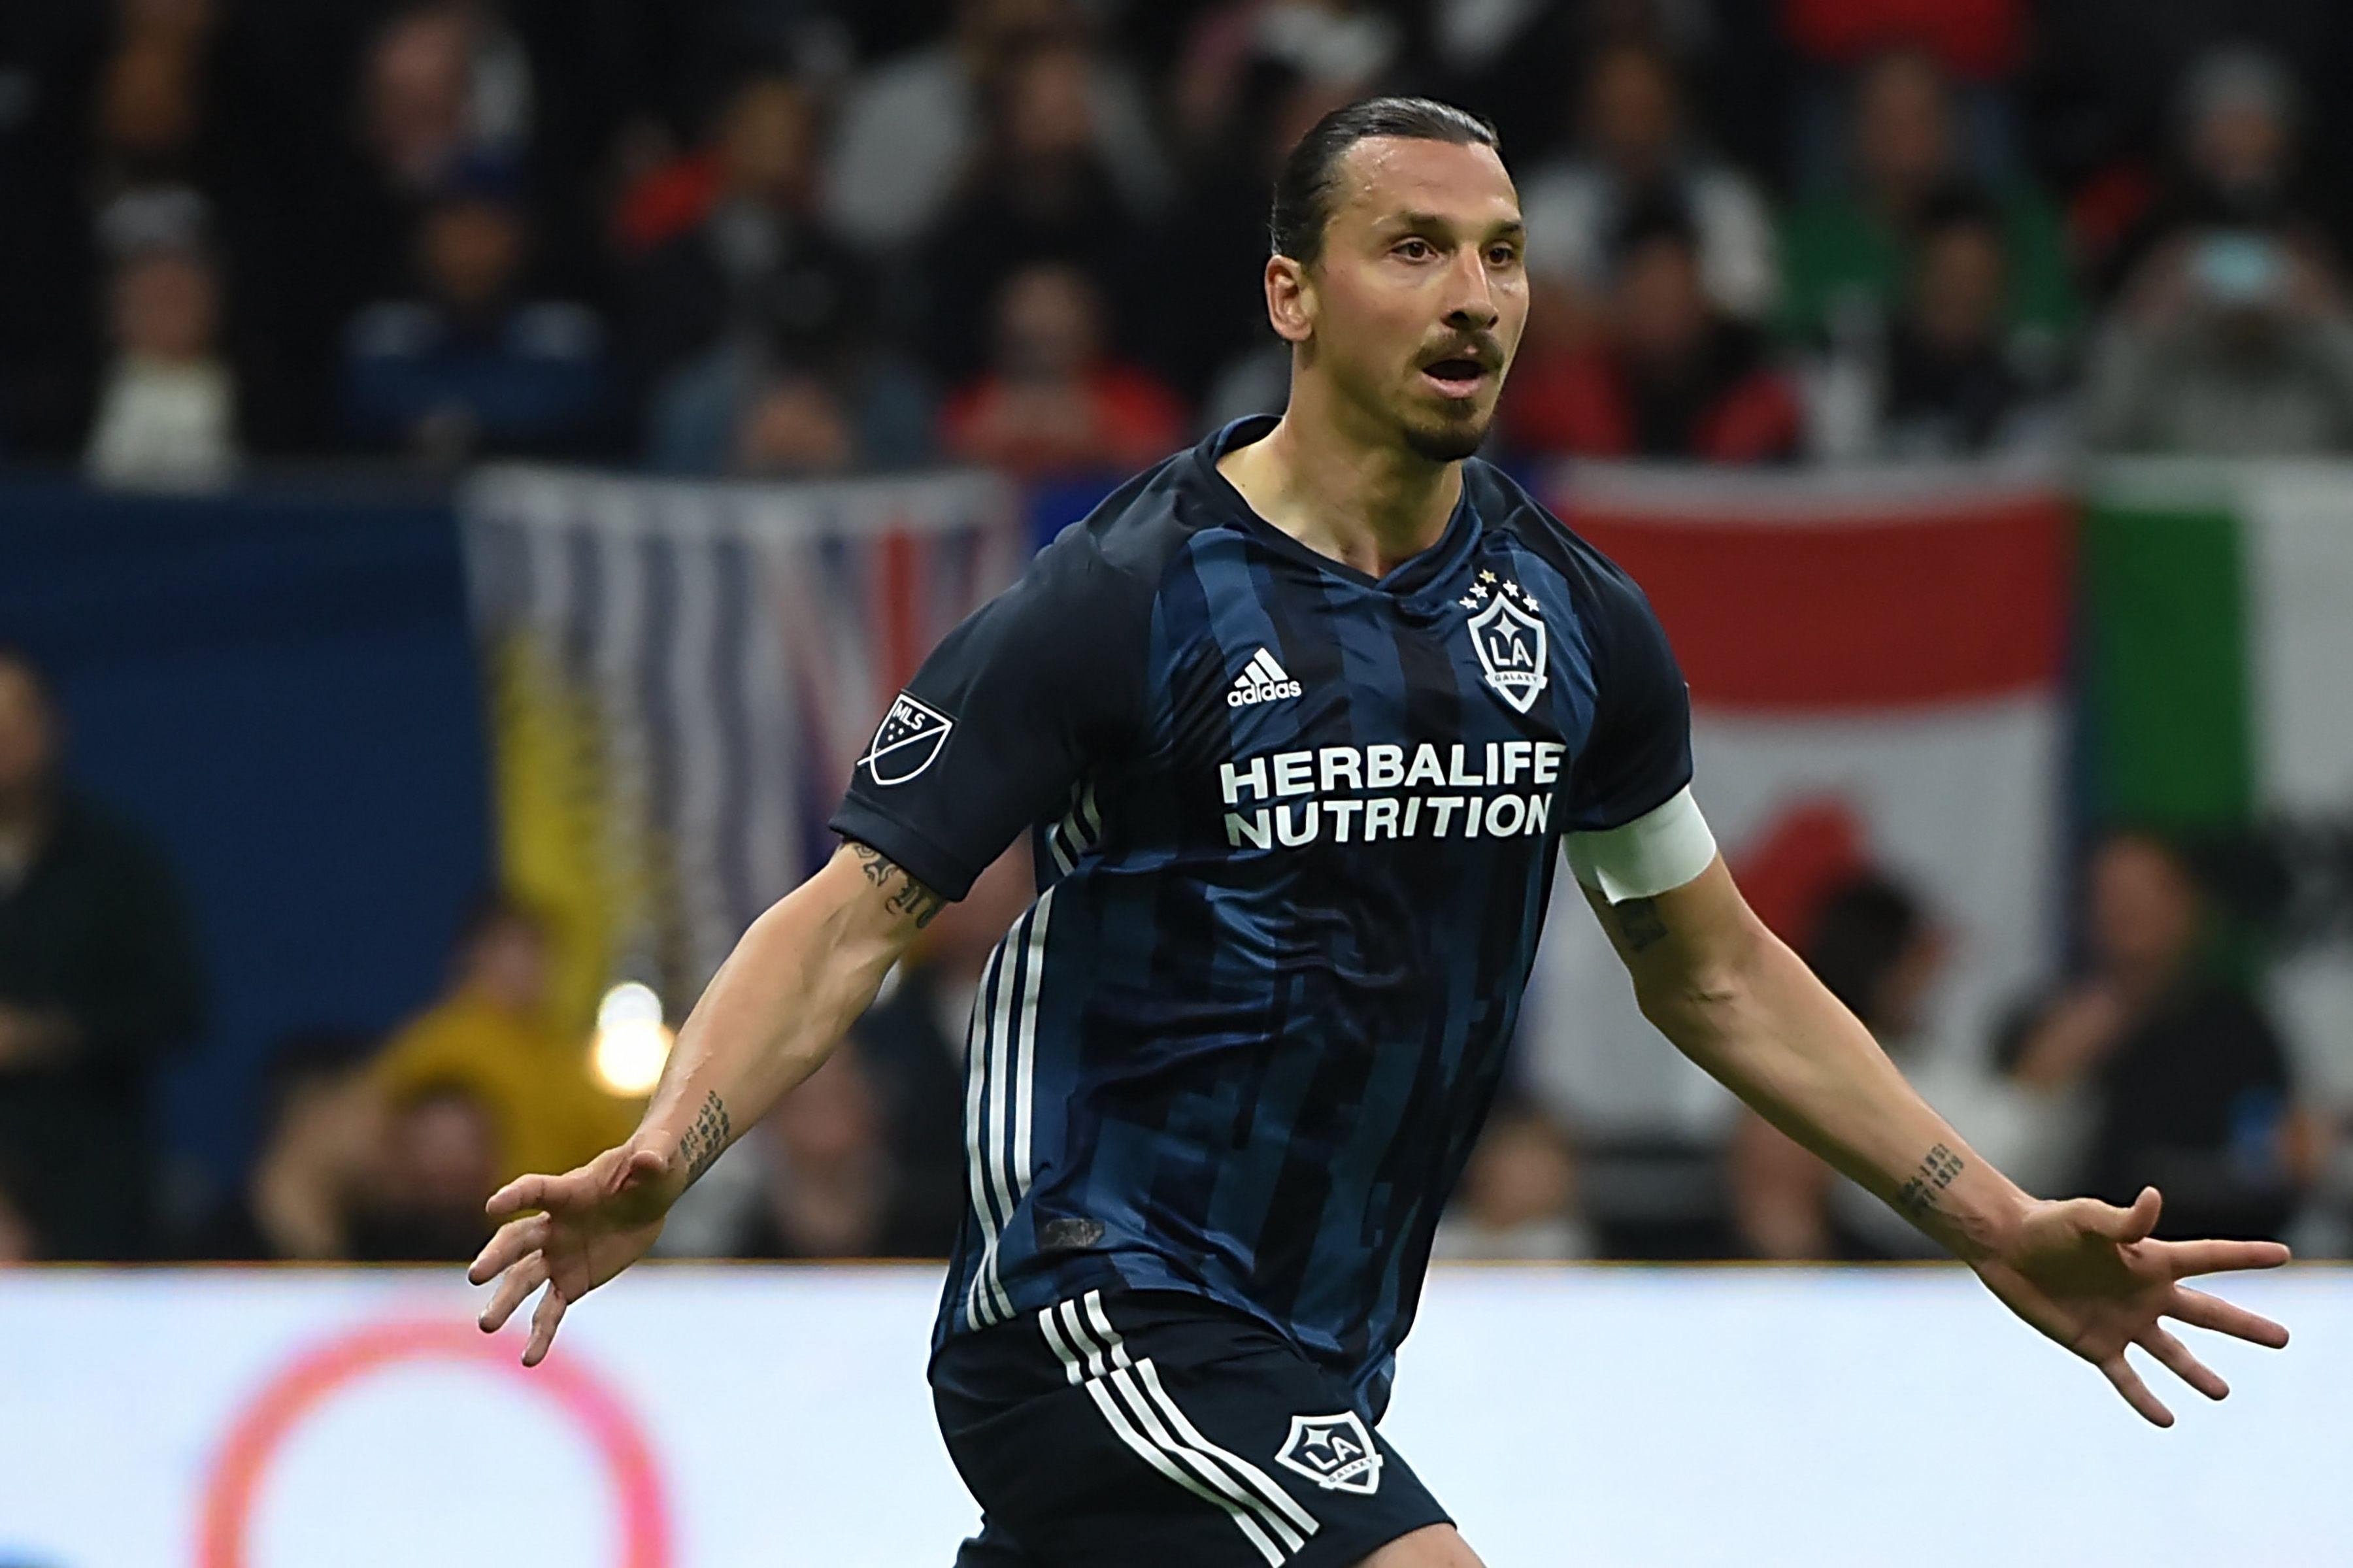 Ibrahimovic jugó dos temporadas en la MLS y marco más de 50 goles (Reuters)